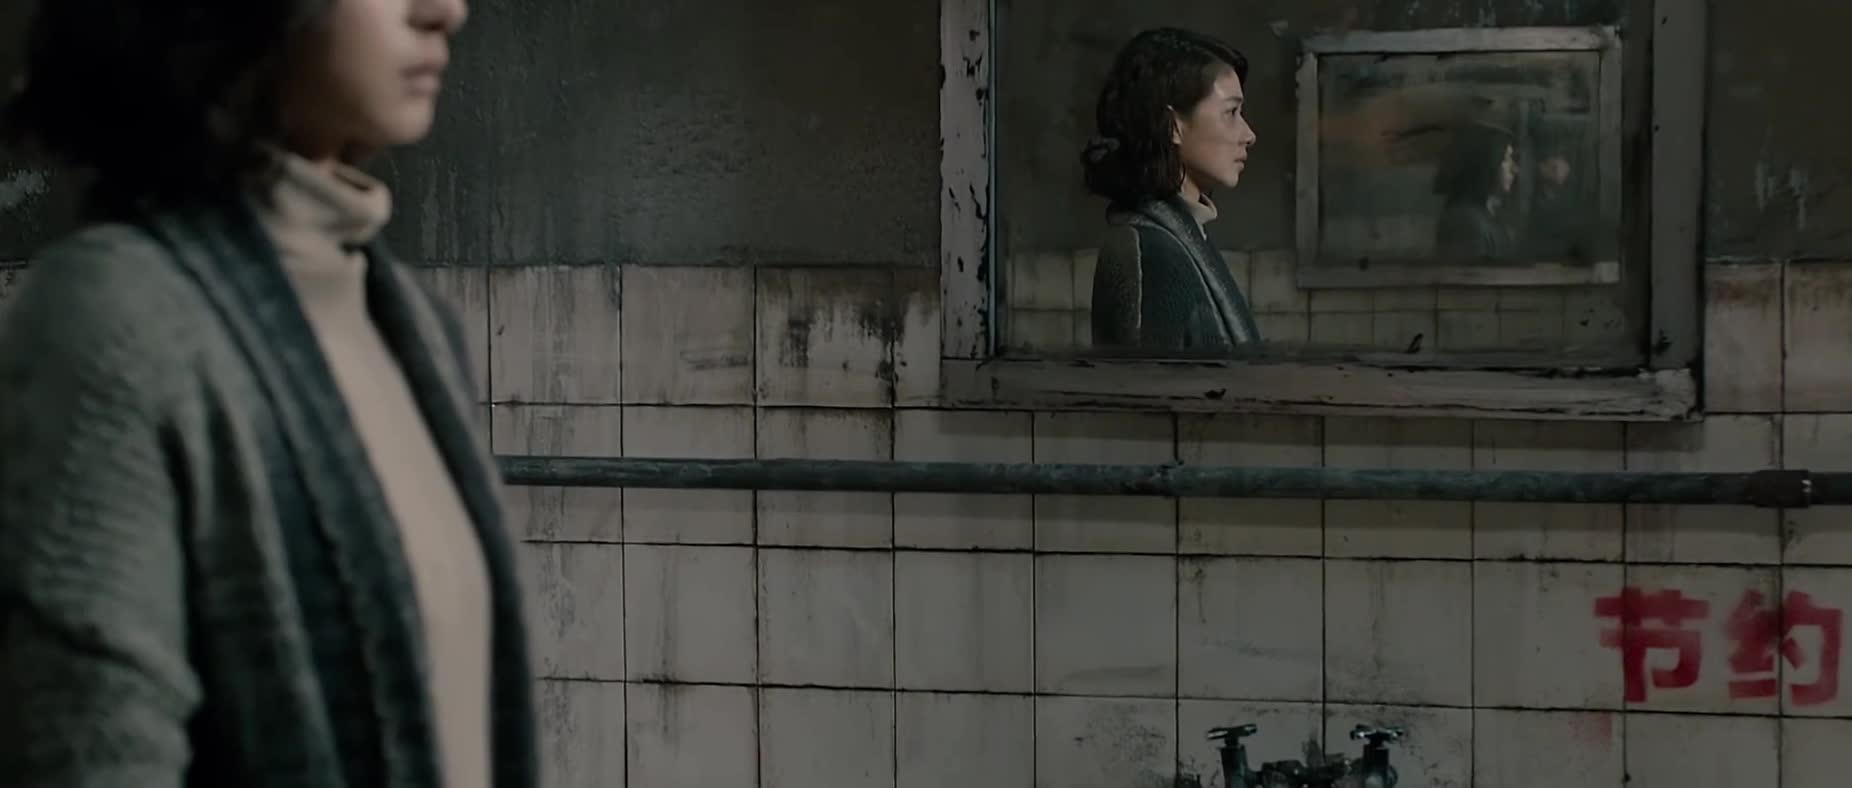 #经典看电影#厕所传出这种声音,美女听得一阵脸红啊。